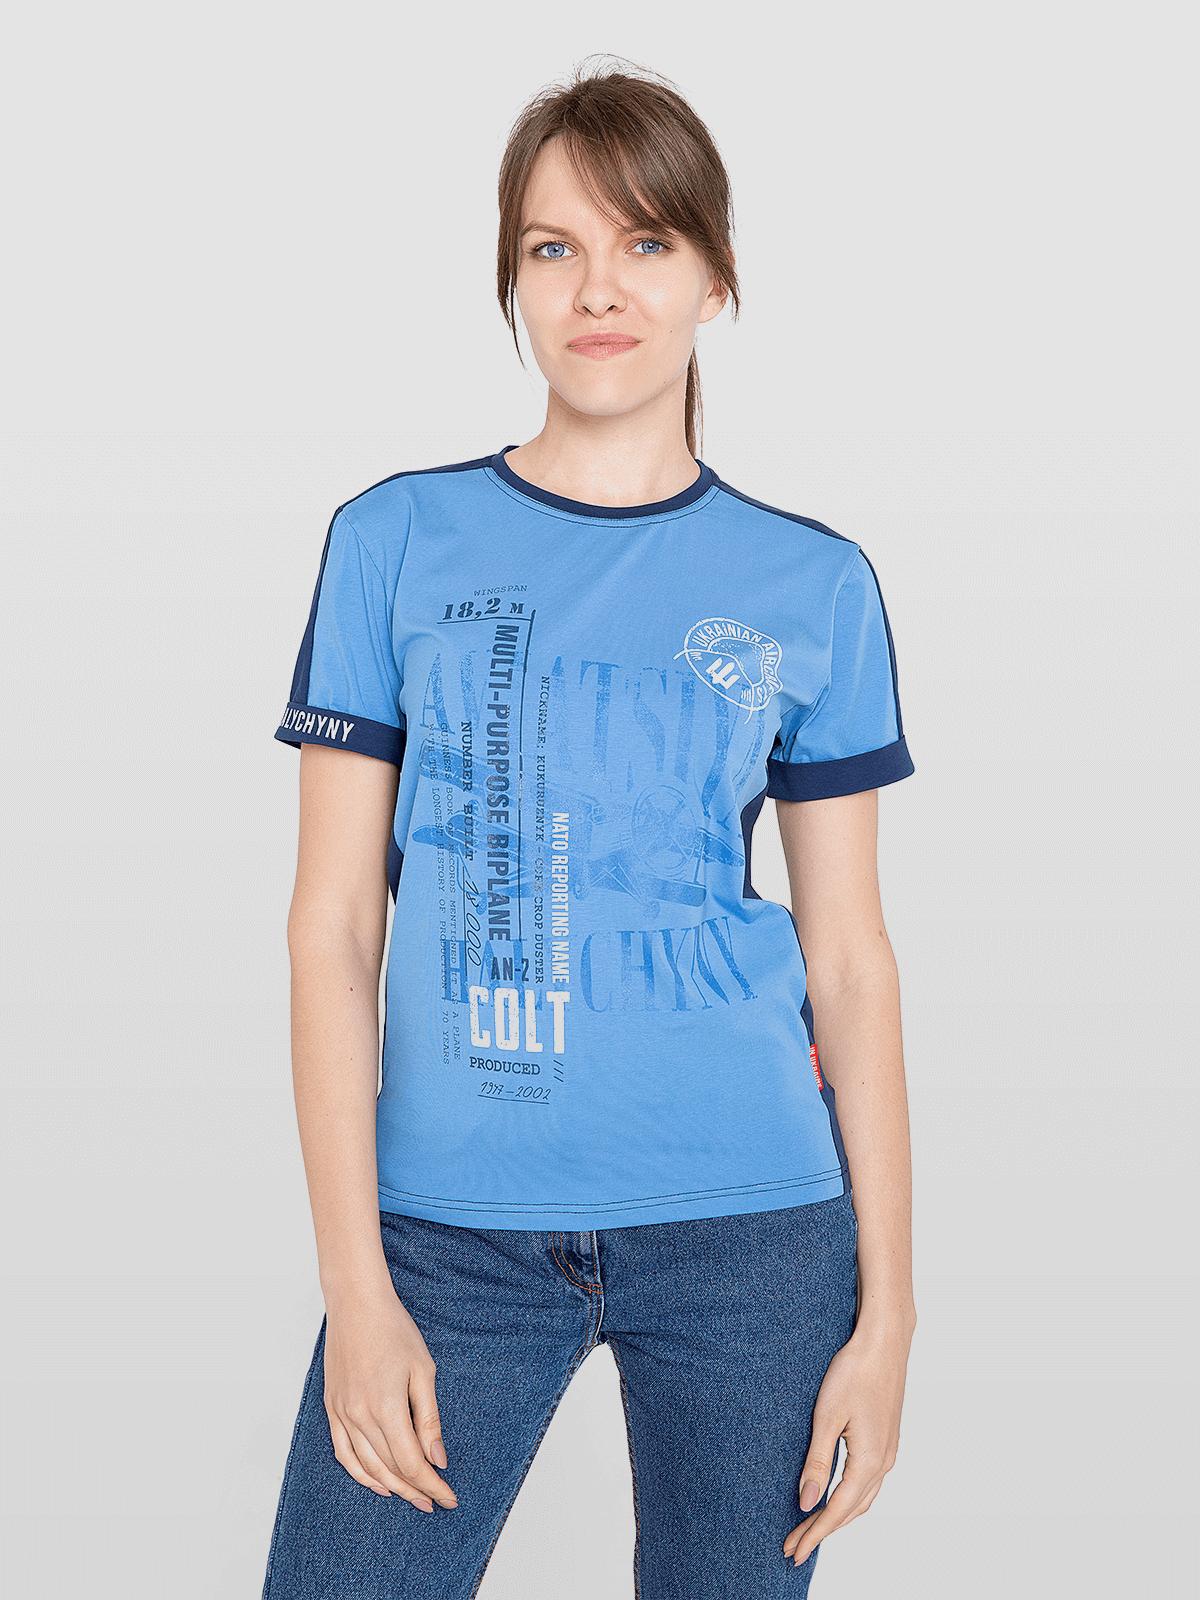 Жіноча Футболка An-2. Колір блакитний. Футболка унісекс (розміри чоловічі).